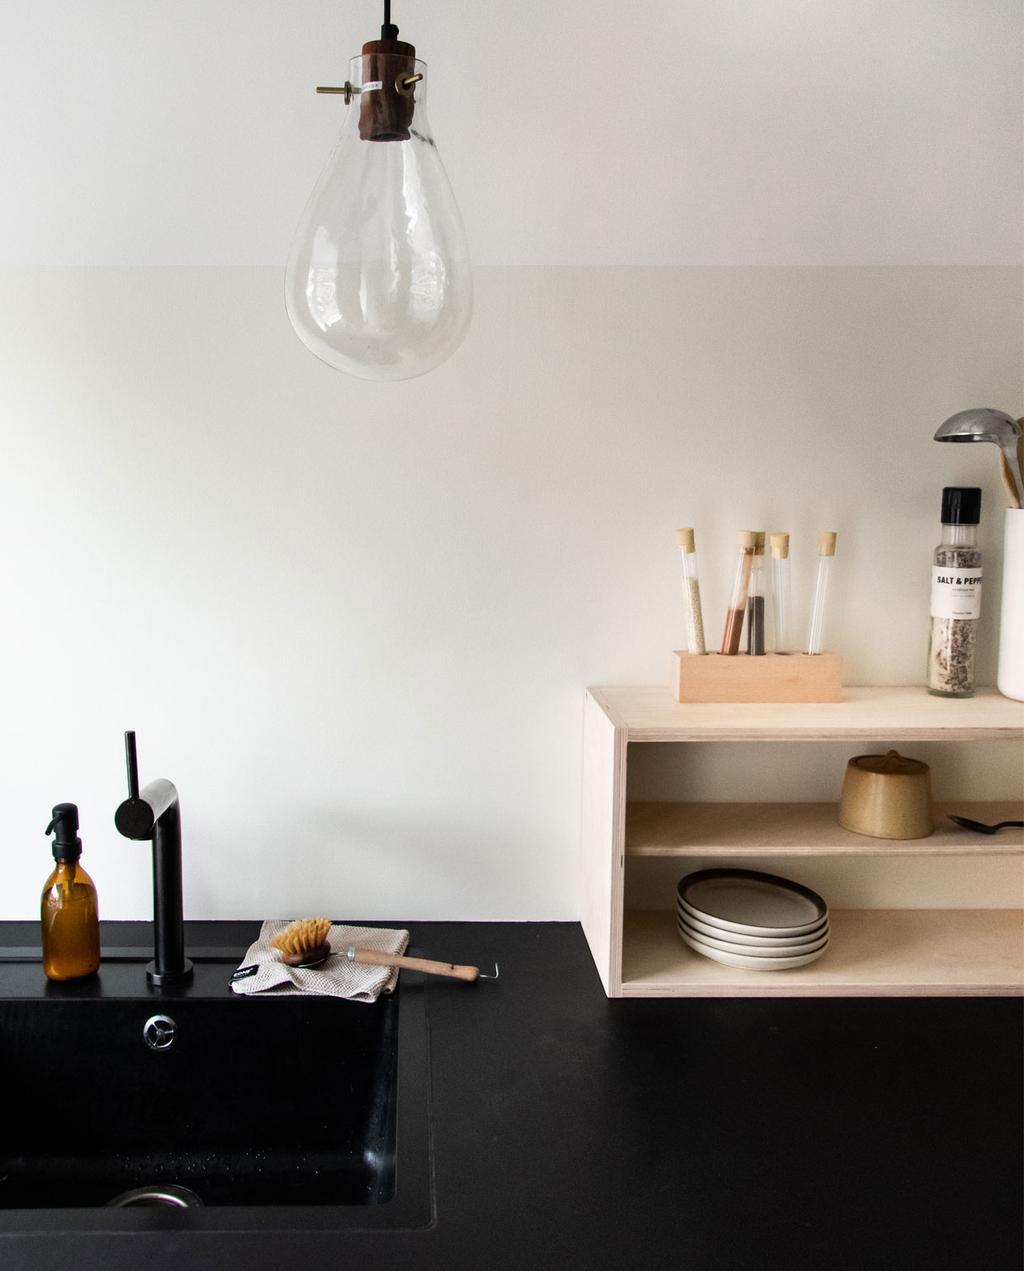 vtwonen blog Rachel Terpstra | kleur muurverf kiezen voor keuken met flexa creations testers zwart aanrecht met twee tinten wit muur